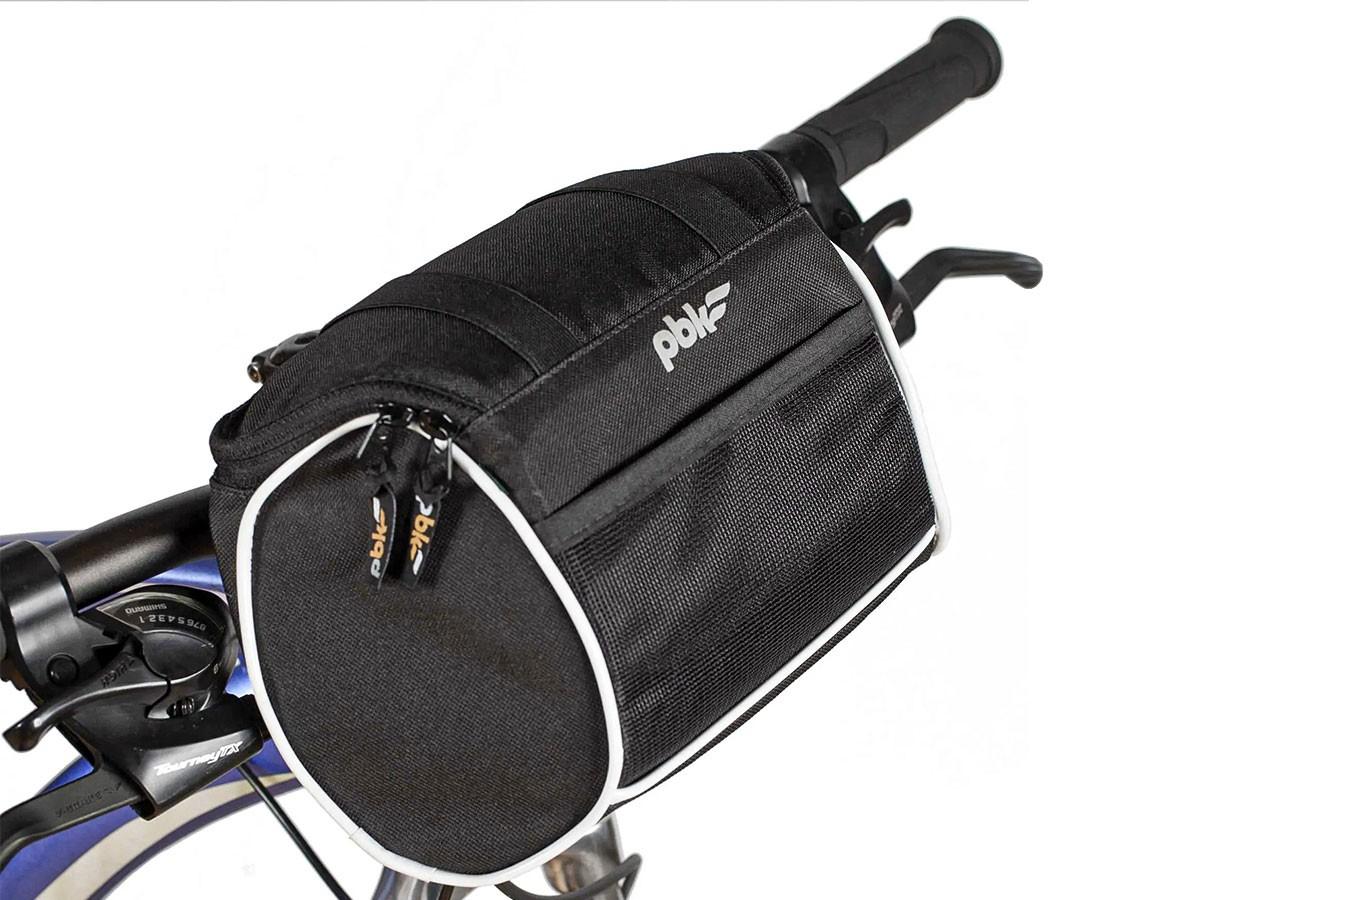 Bolsa para Guidão Aero 0106D - Pró-bike